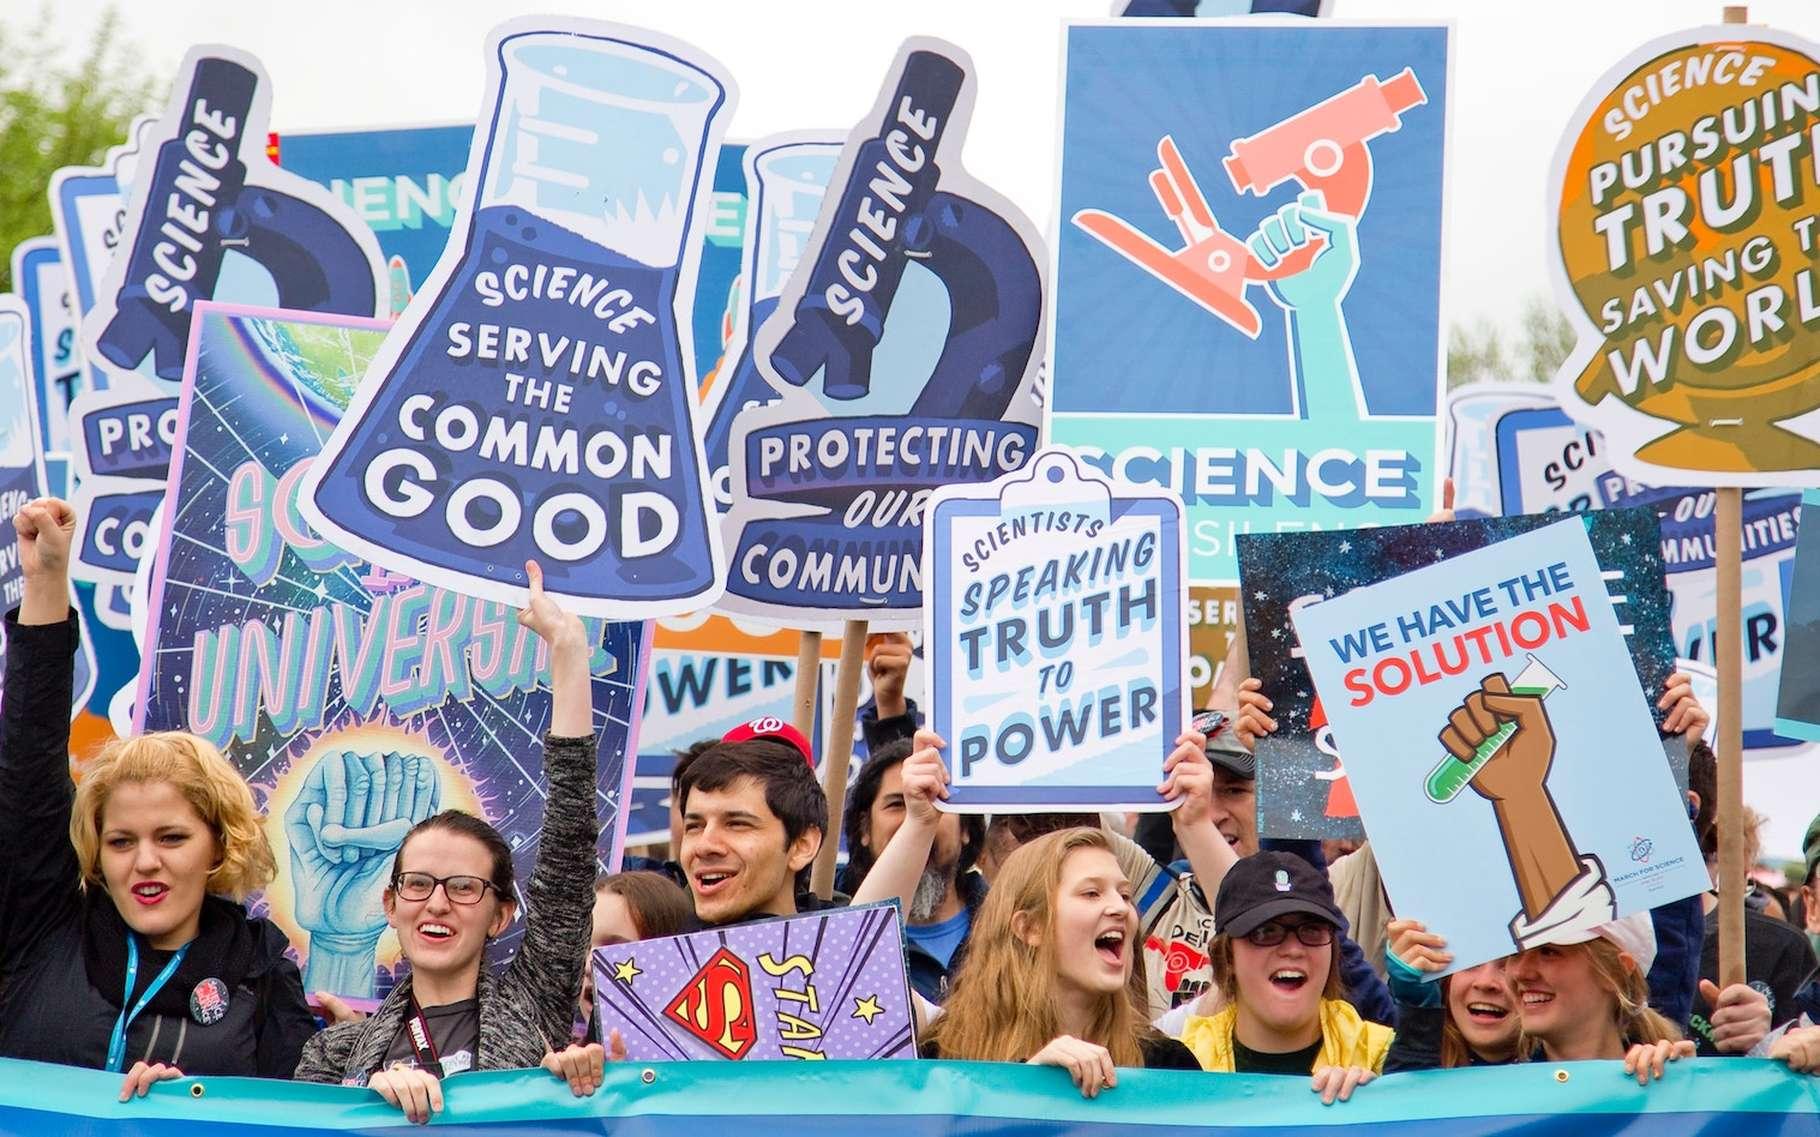 Vaccins, réchauffement climatique, etc. Face à la science, les gens semblent de plus en plus sceptiques et le dernier prix Nobel d'économie s'en inquiète. © Vlad Tchompalov, Unsplash